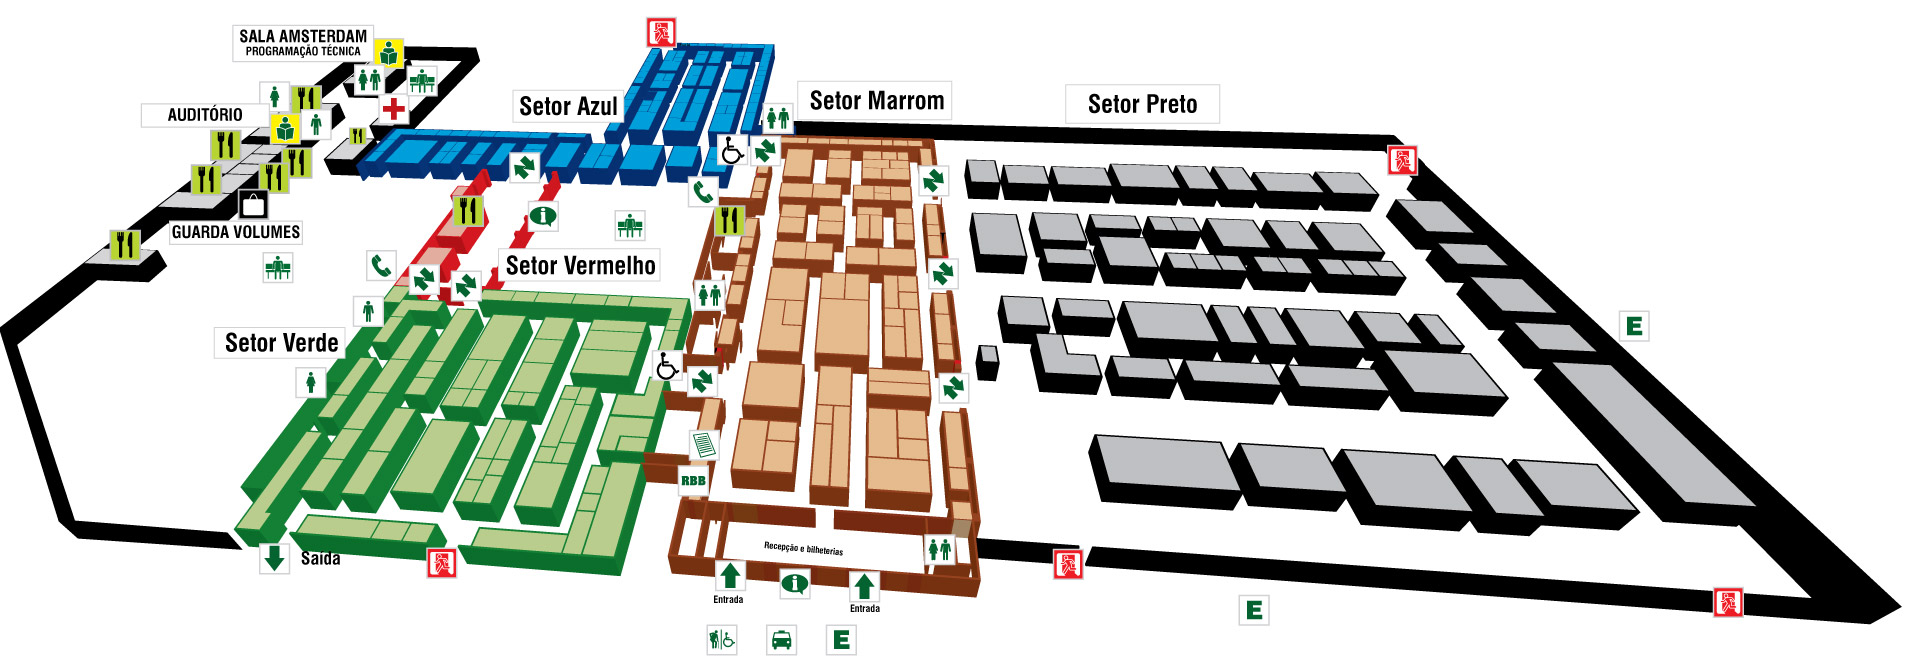 Hortitec Mapa do evento